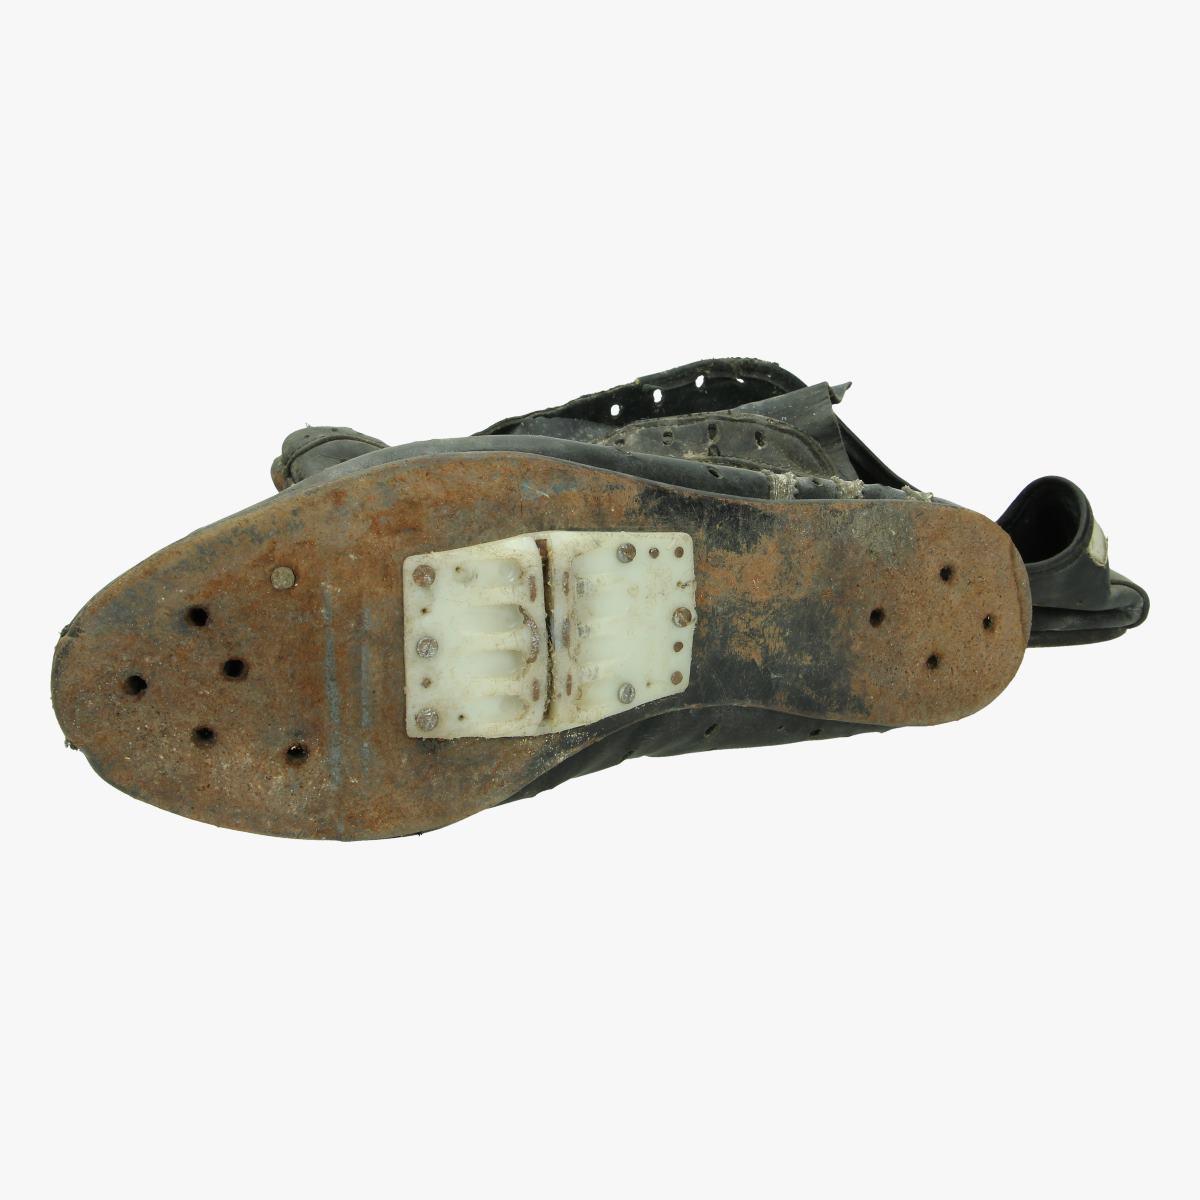 Afbeeldingen van oude wielrenners schoenen